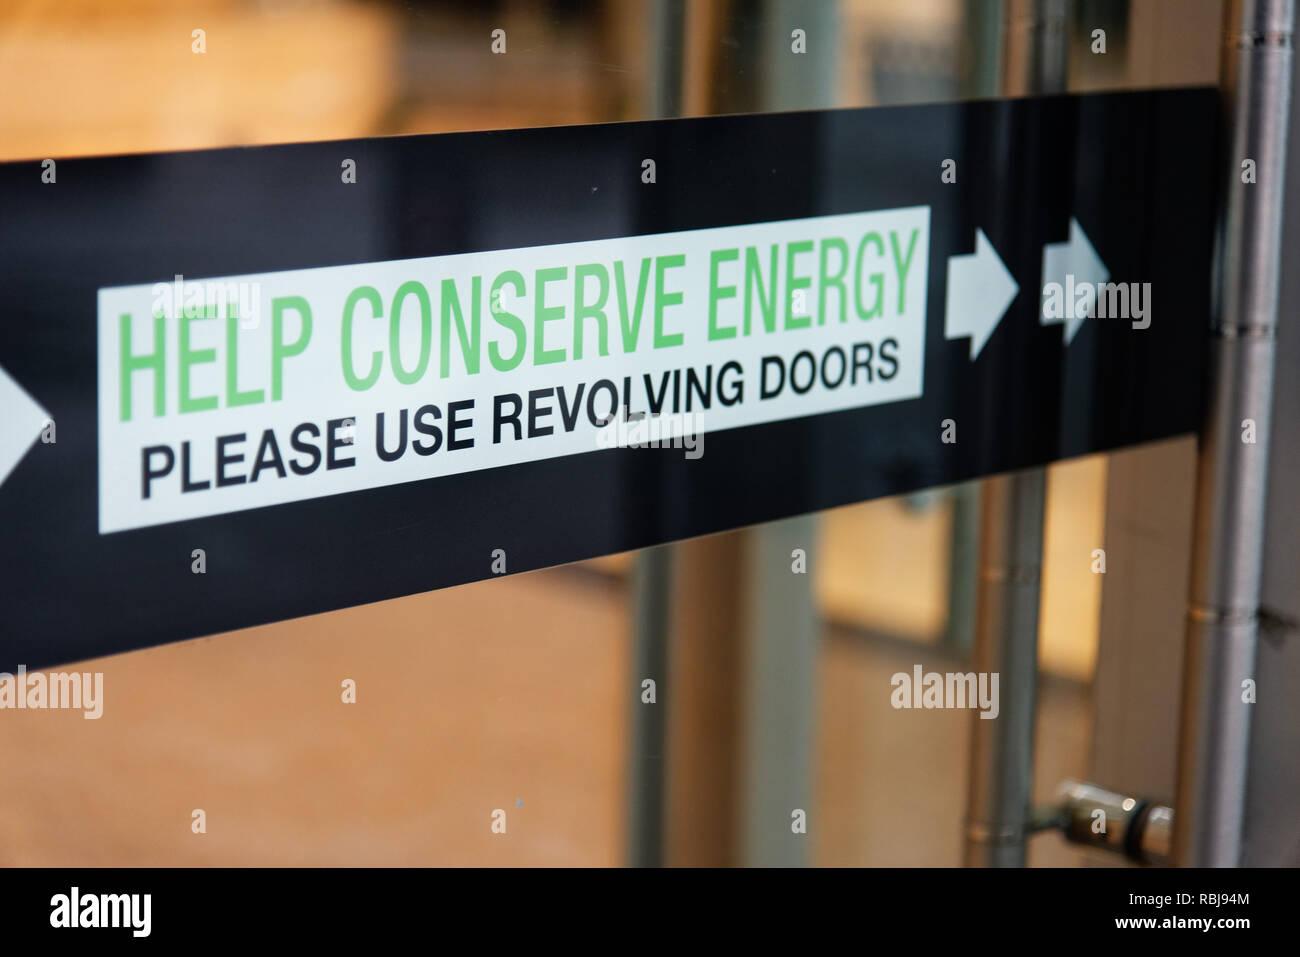 Un cartel en un edificio de Toronto diciendo que ayudan a ahorrar energía - Utilice las puertas giratorias Imagen De Stock